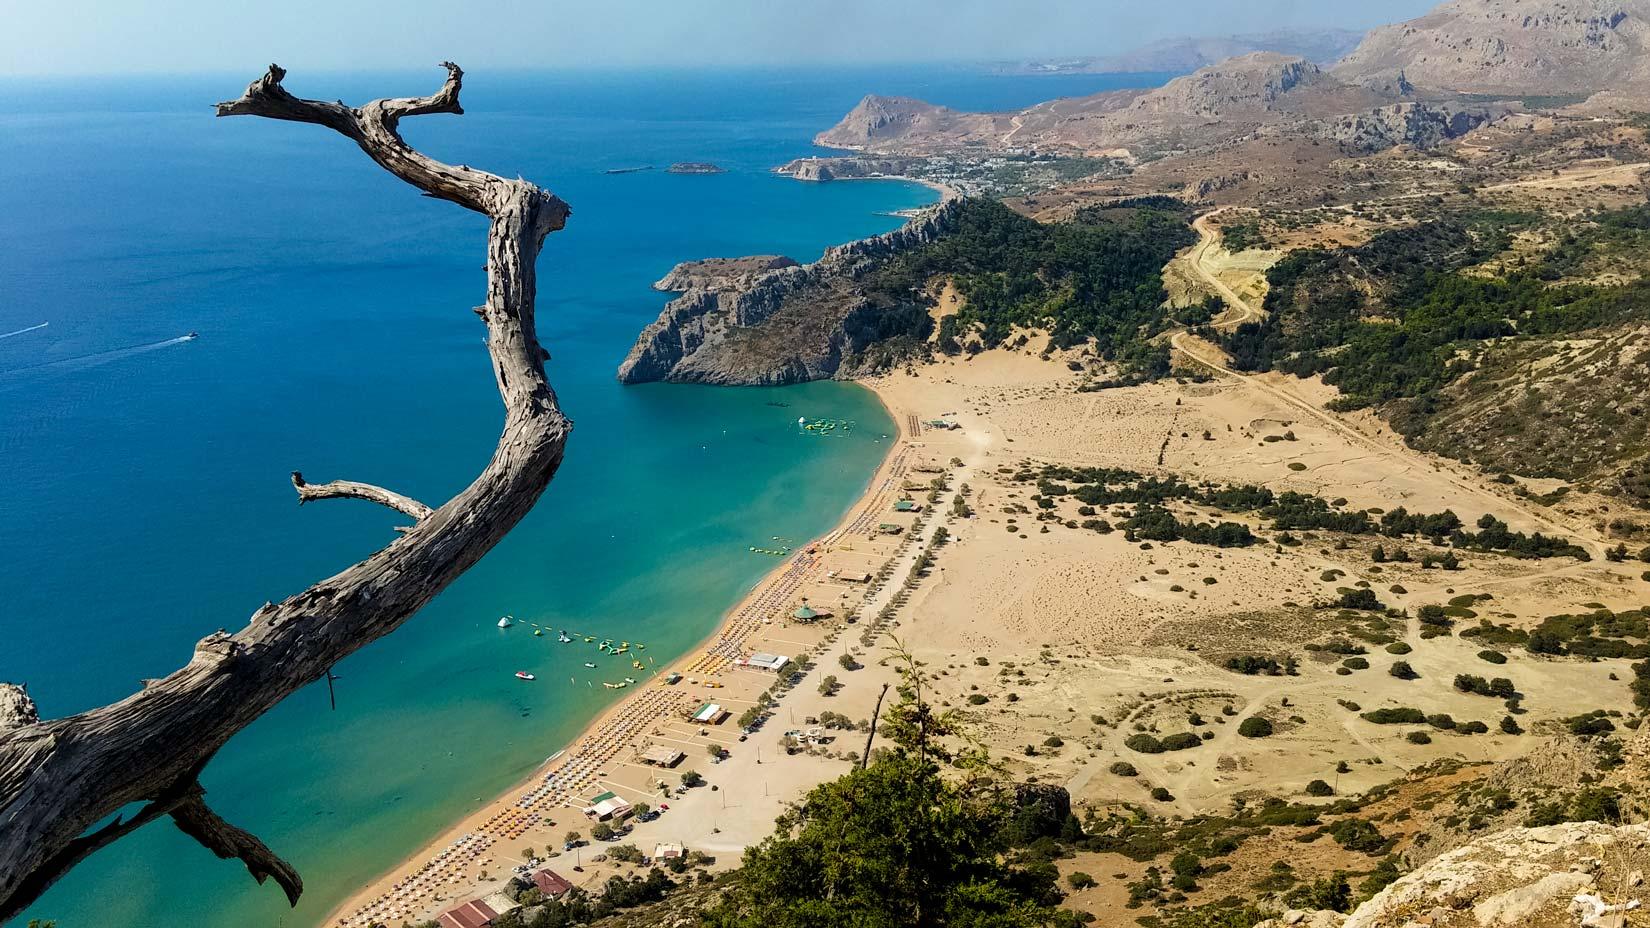 Tsambika. Nádherná pláž nesoucí jméno podle kaple Tsambika Kira tyčící se na strmém kopci nad ní. Tsambika znamená v místním dialektu Jiskřivá...